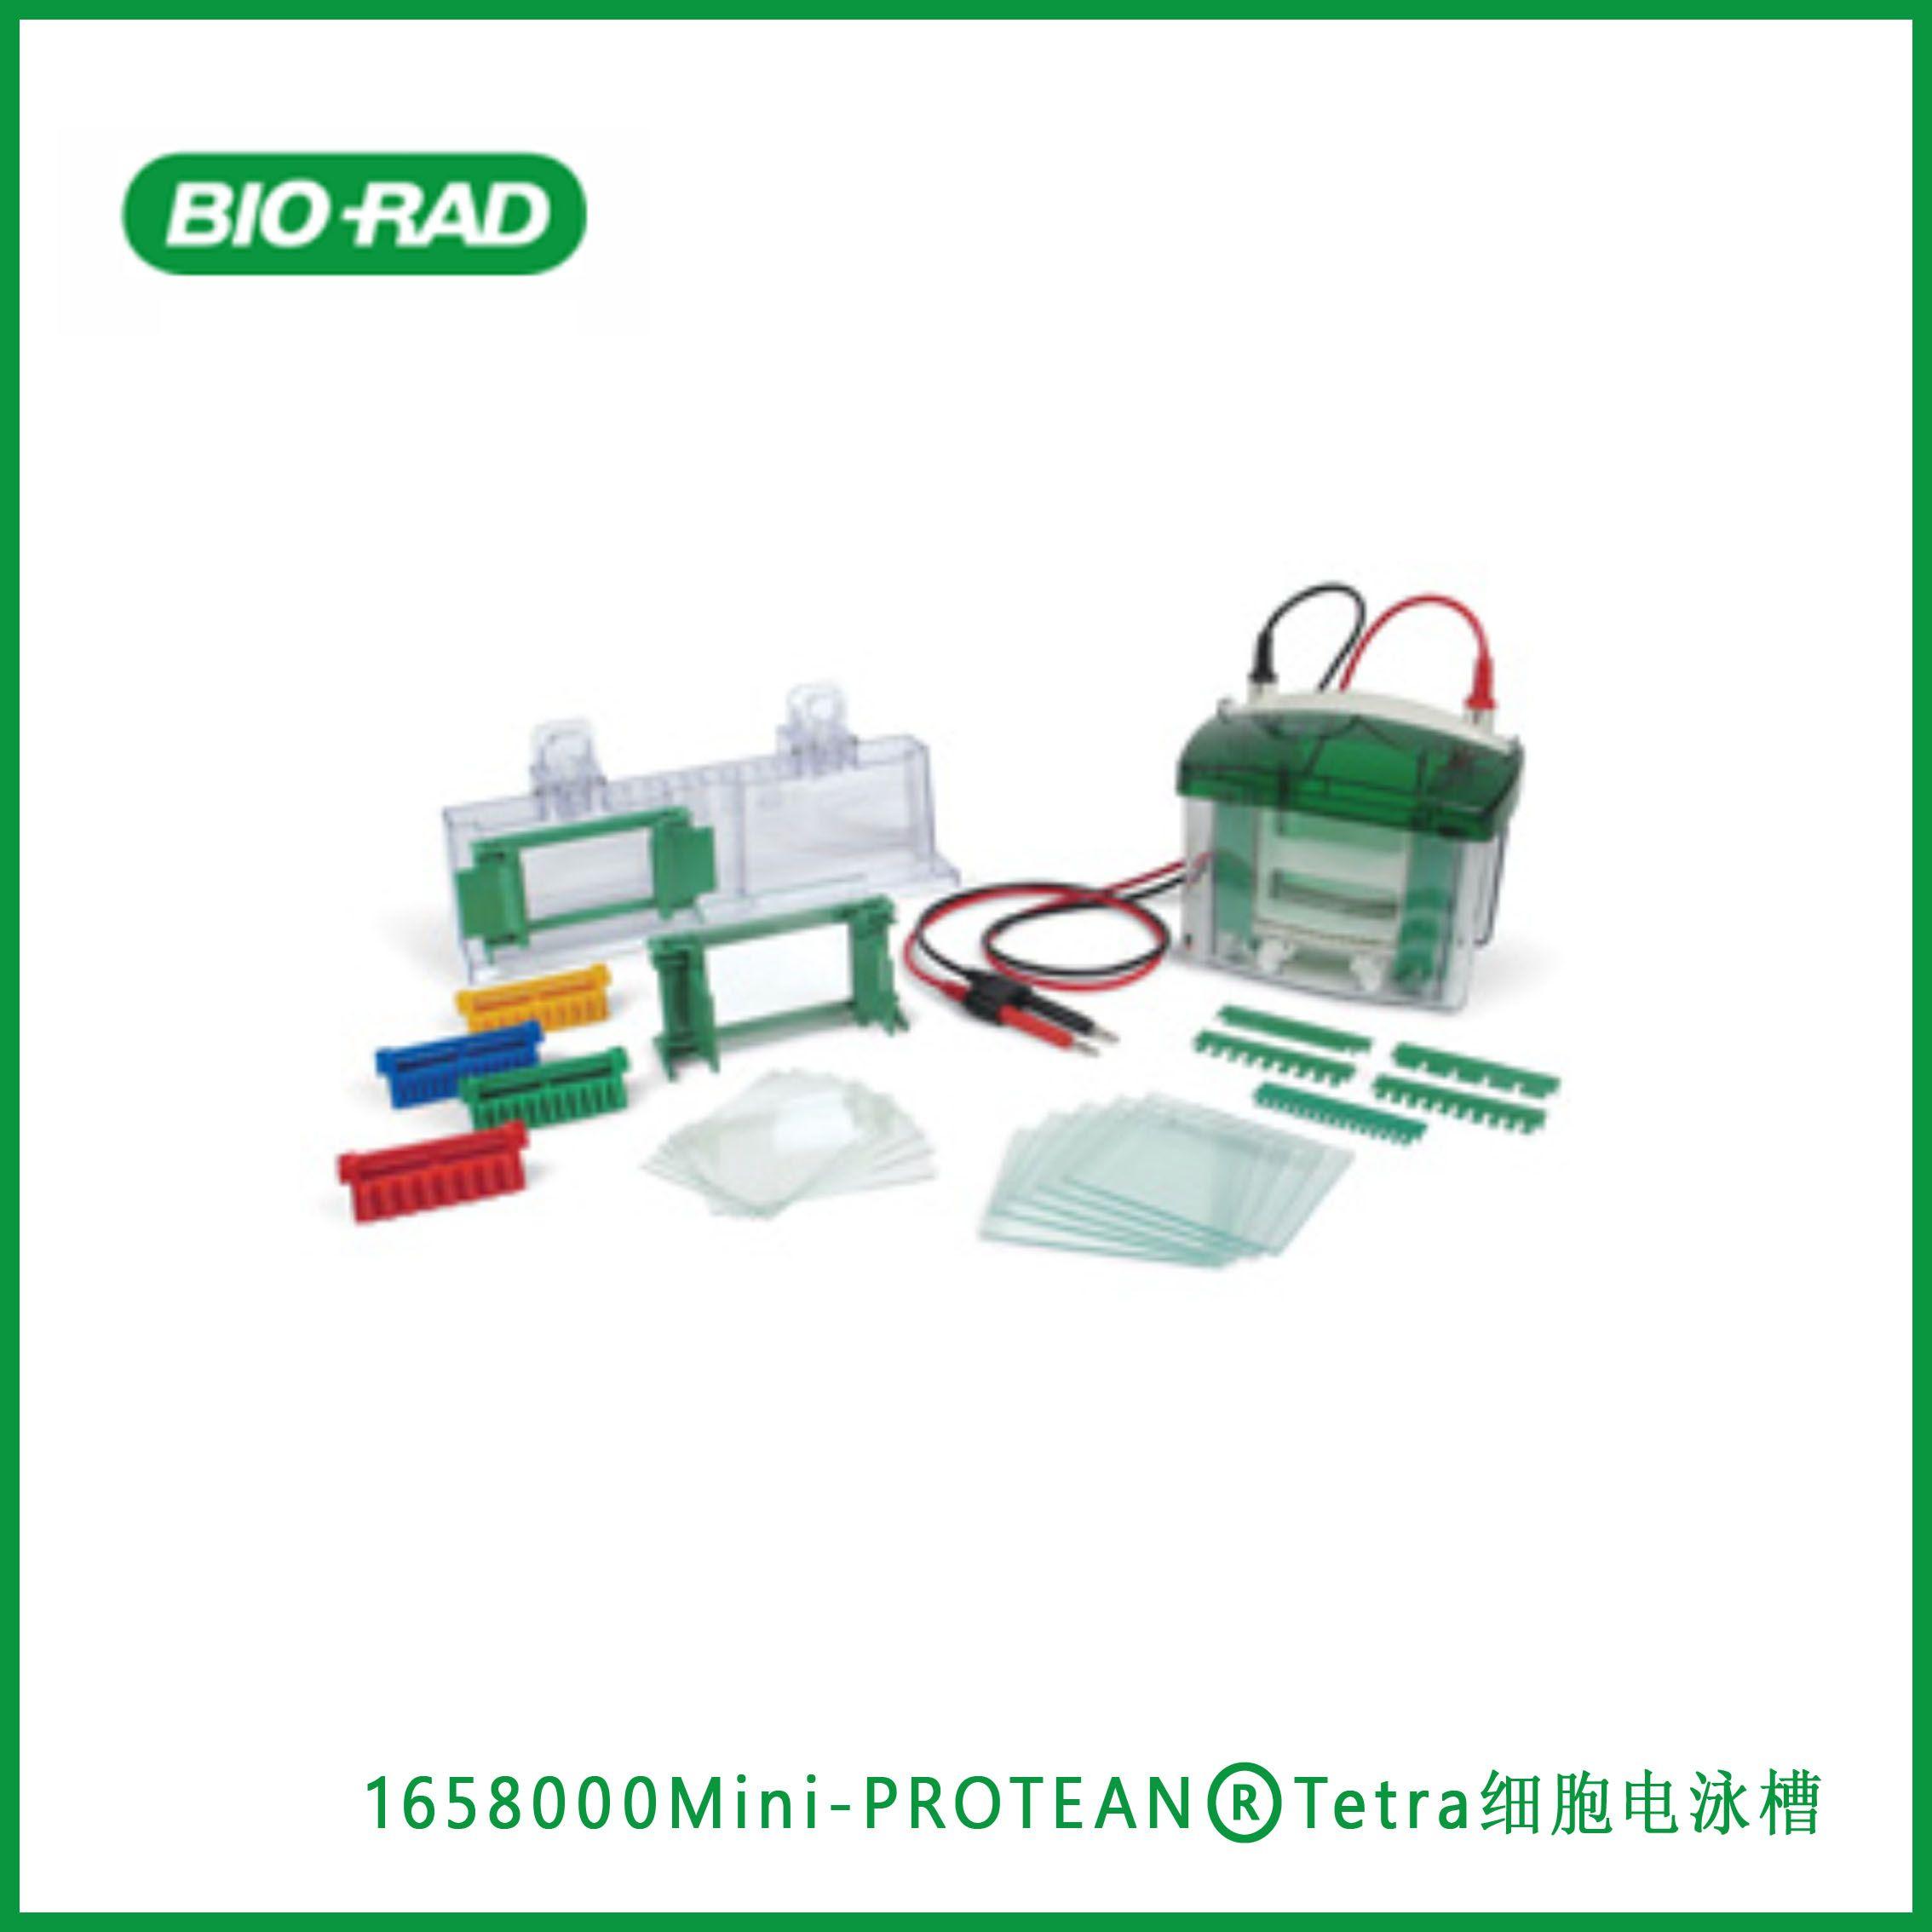 伯乐Bio-Rad1658000Mini-PROTEAN® Tetra Cell, Mini-PROTEAN®Tetra细胞电泳槽,现货